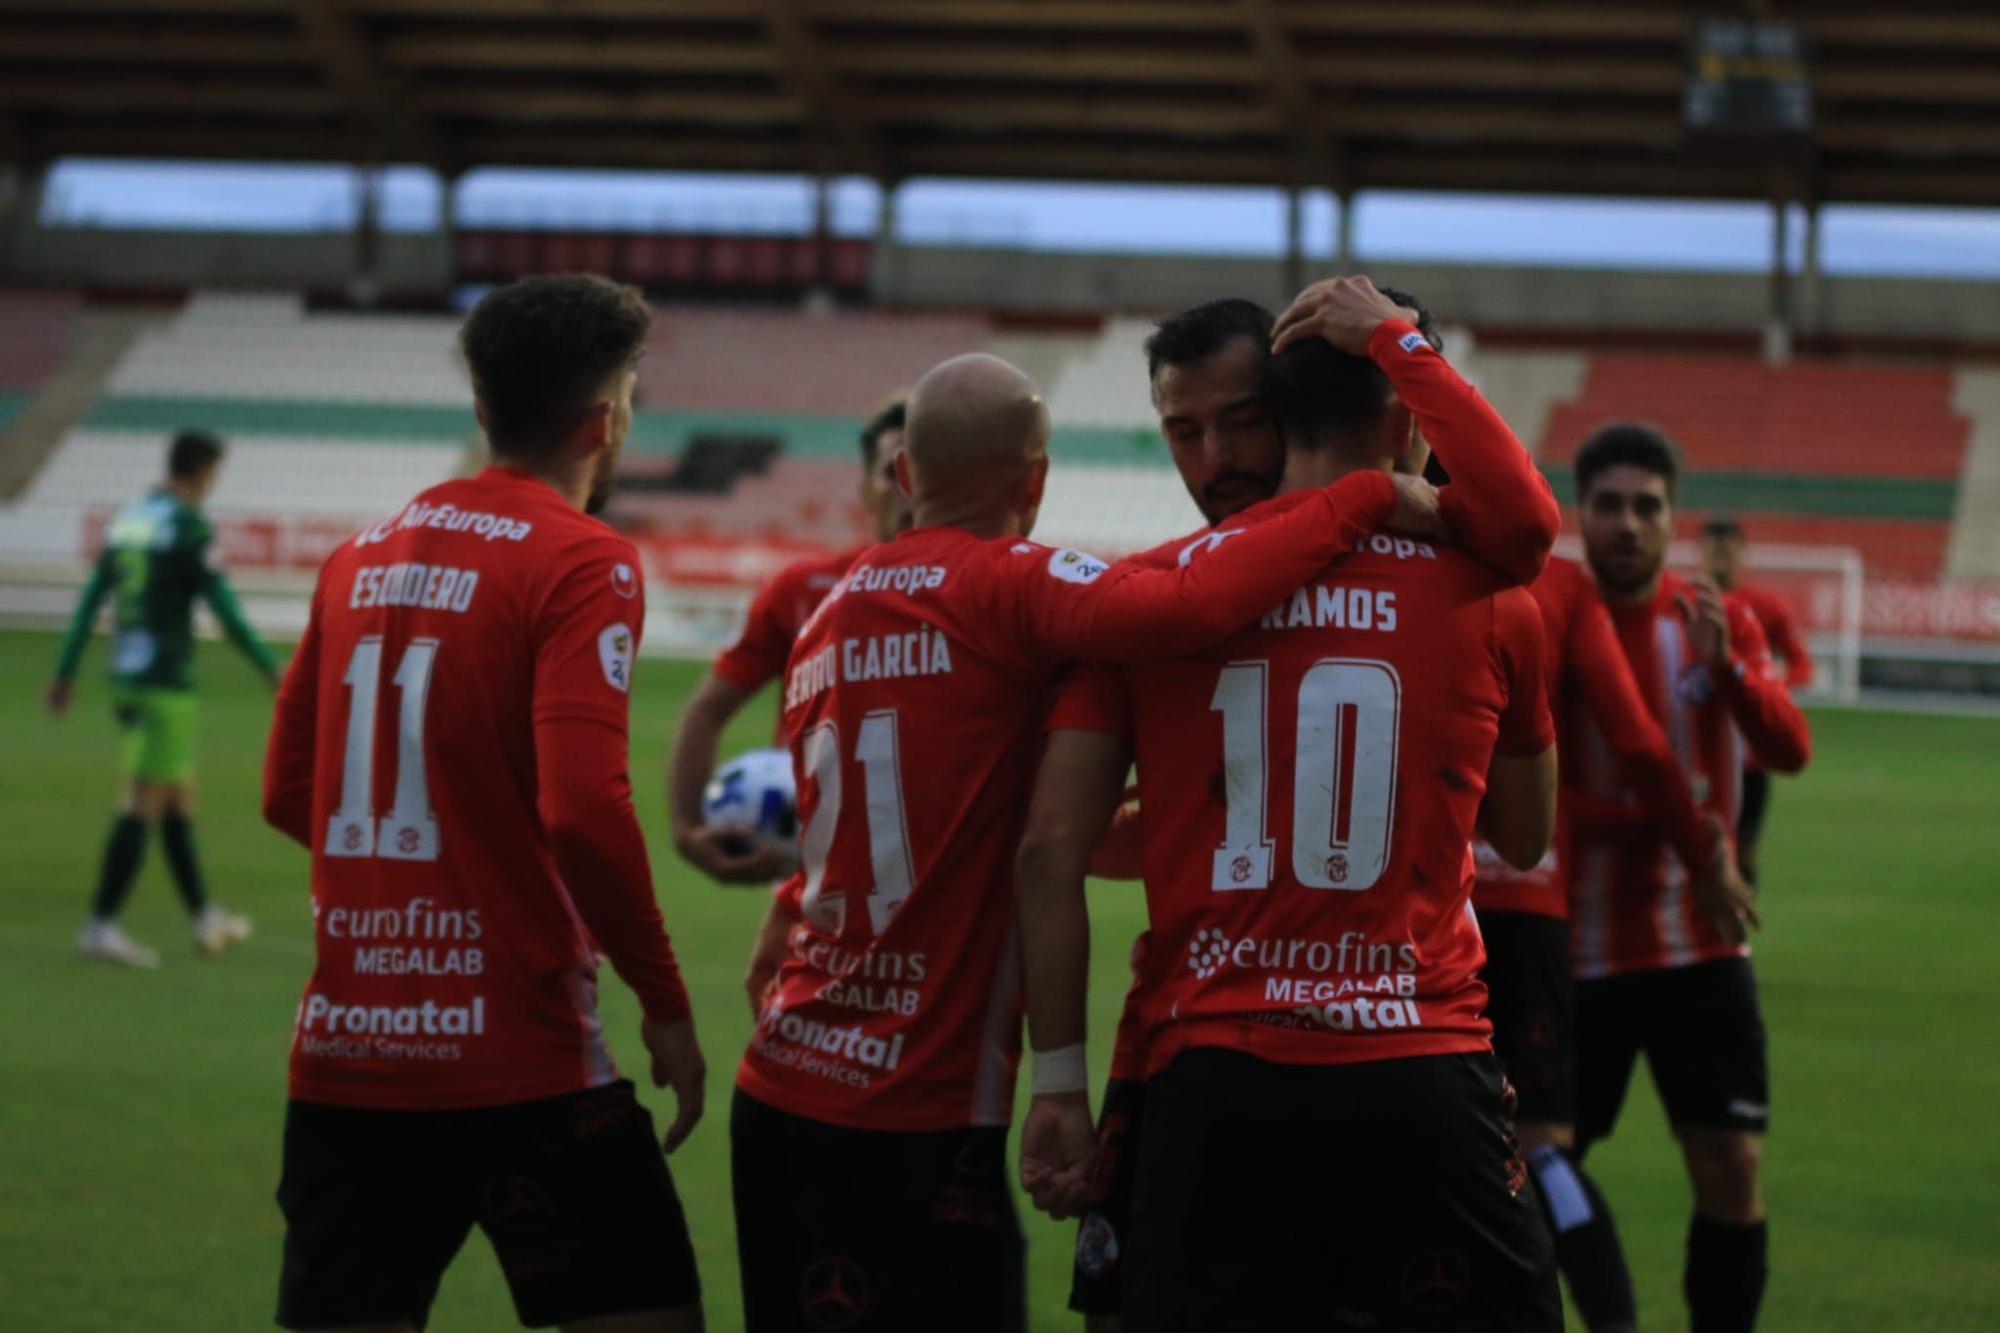 El Zamora CF empata con diez jugadores frente al Guijuelo (2-2)